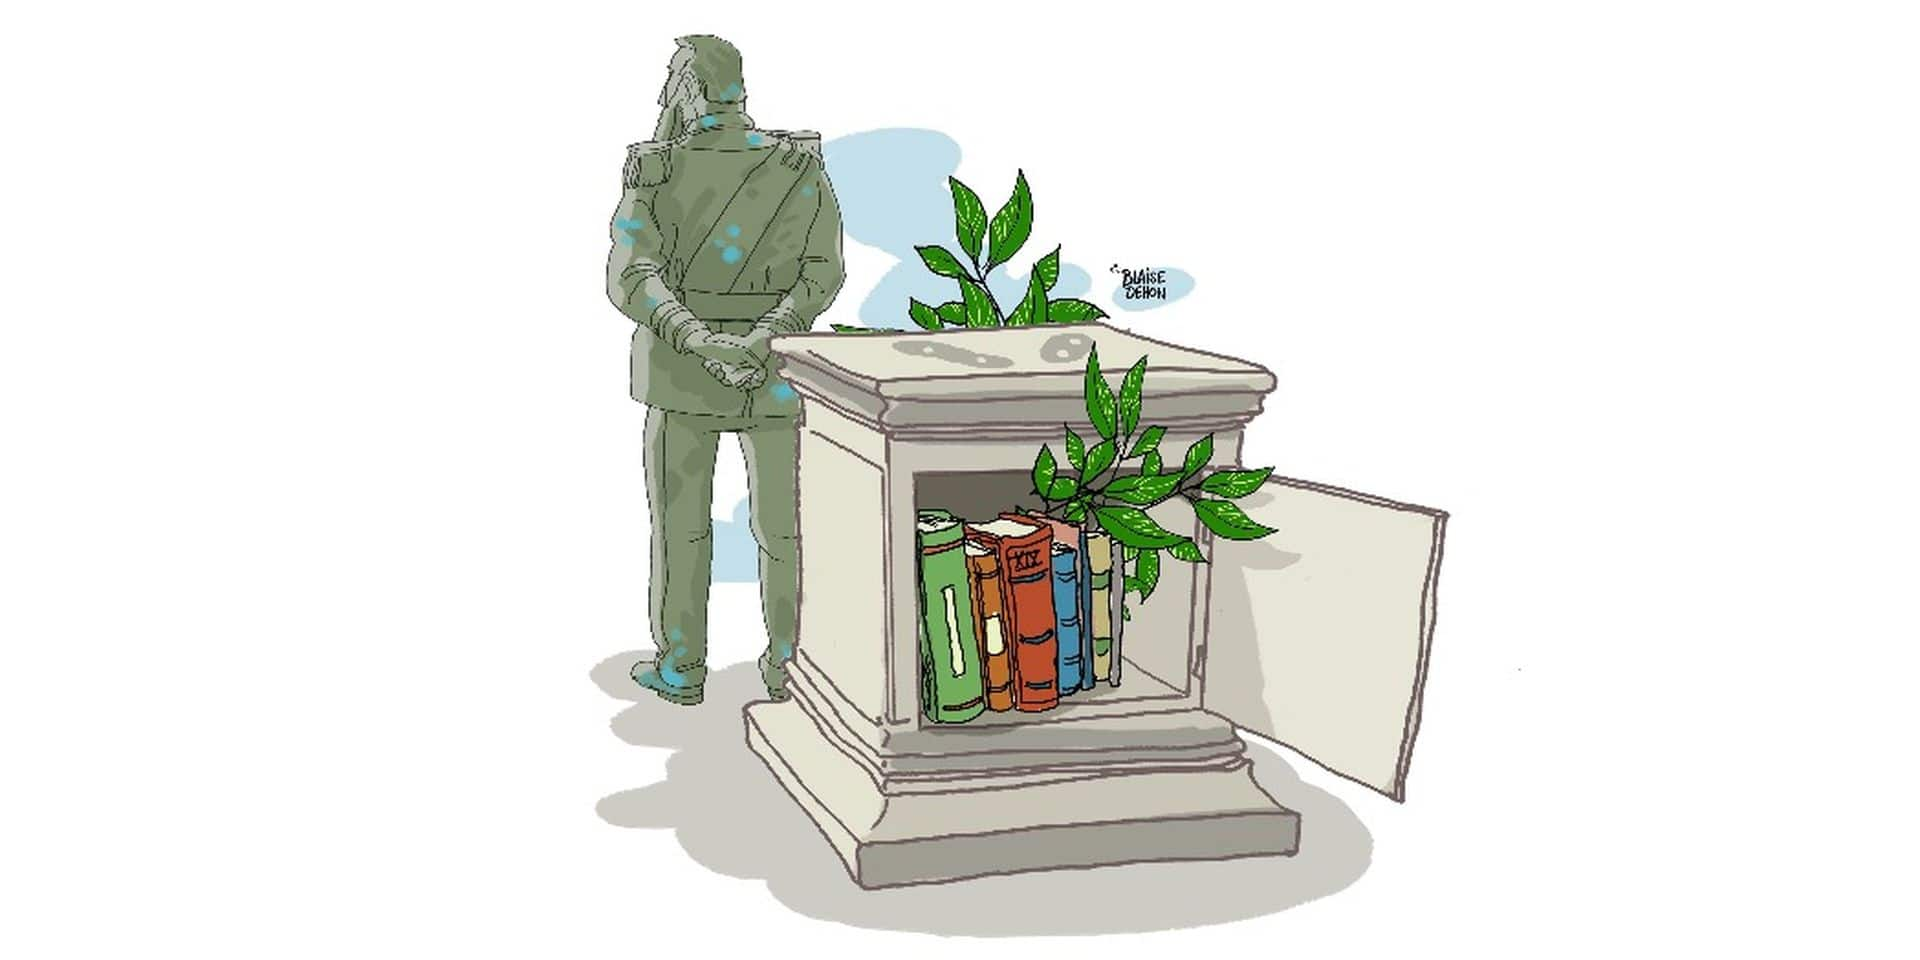 Les monuments brandissent la mémoire des peuples